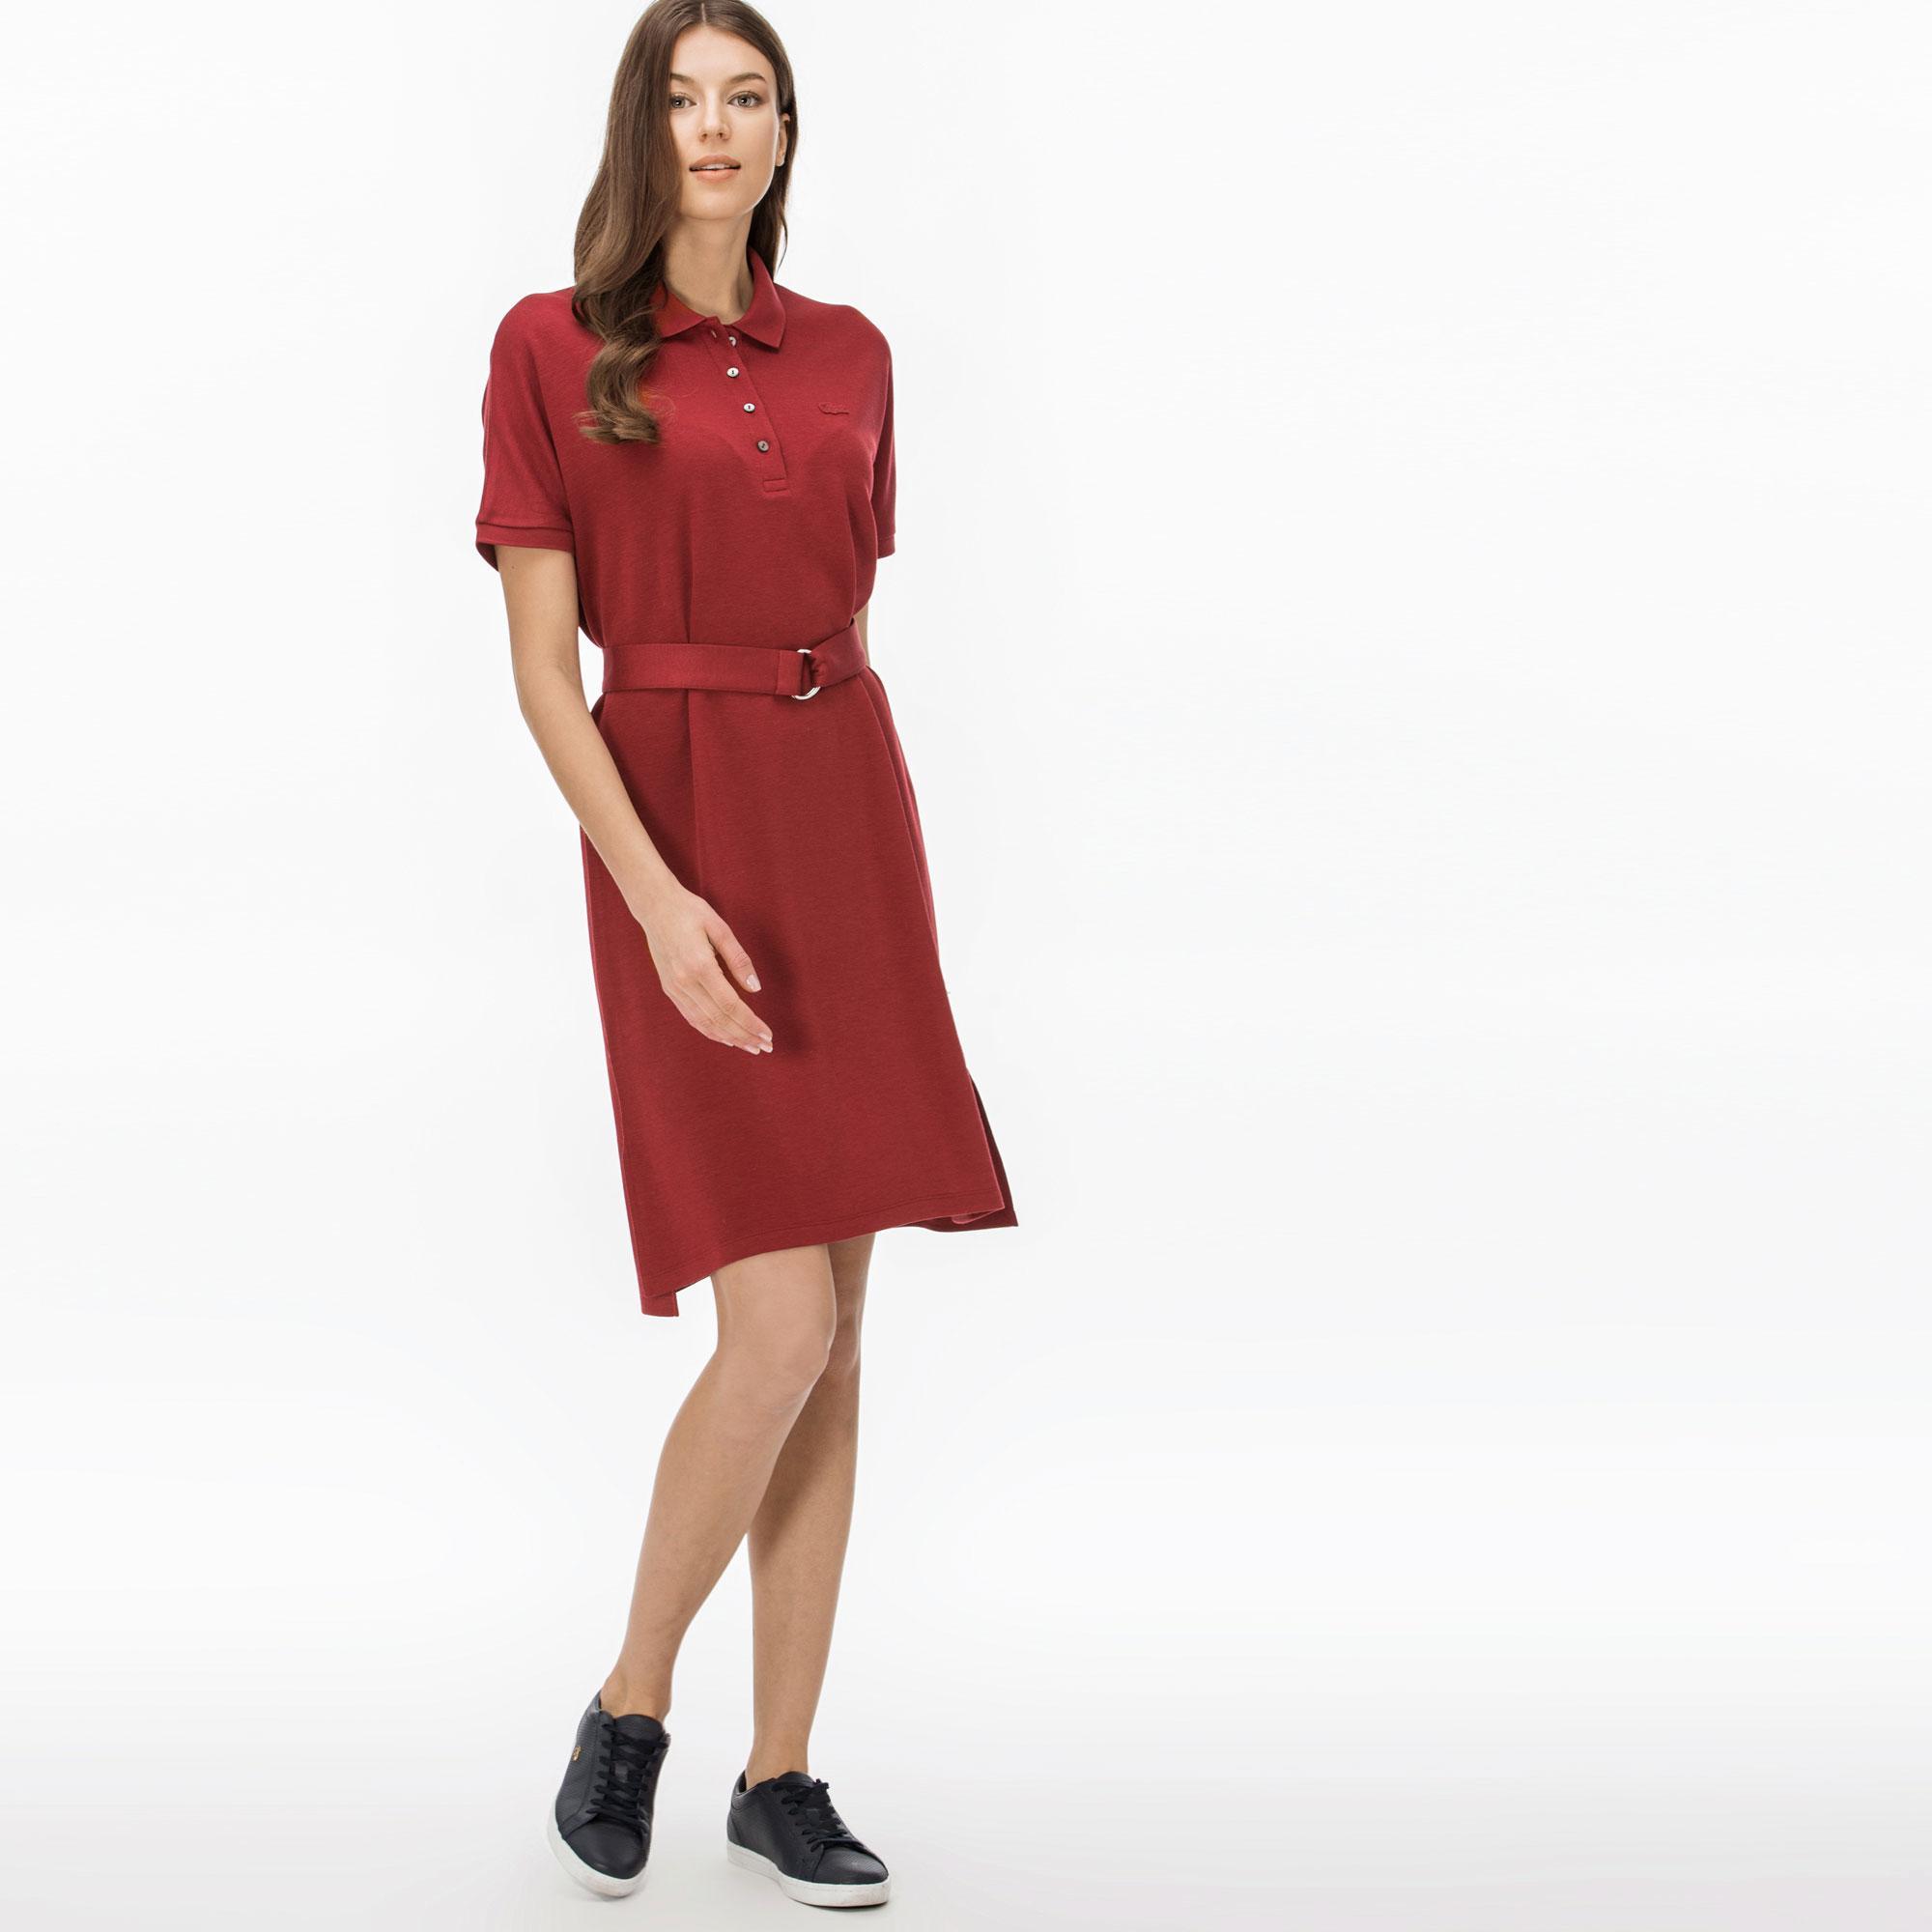 Lacoste Kadın Koyu Kırmızı Elbise